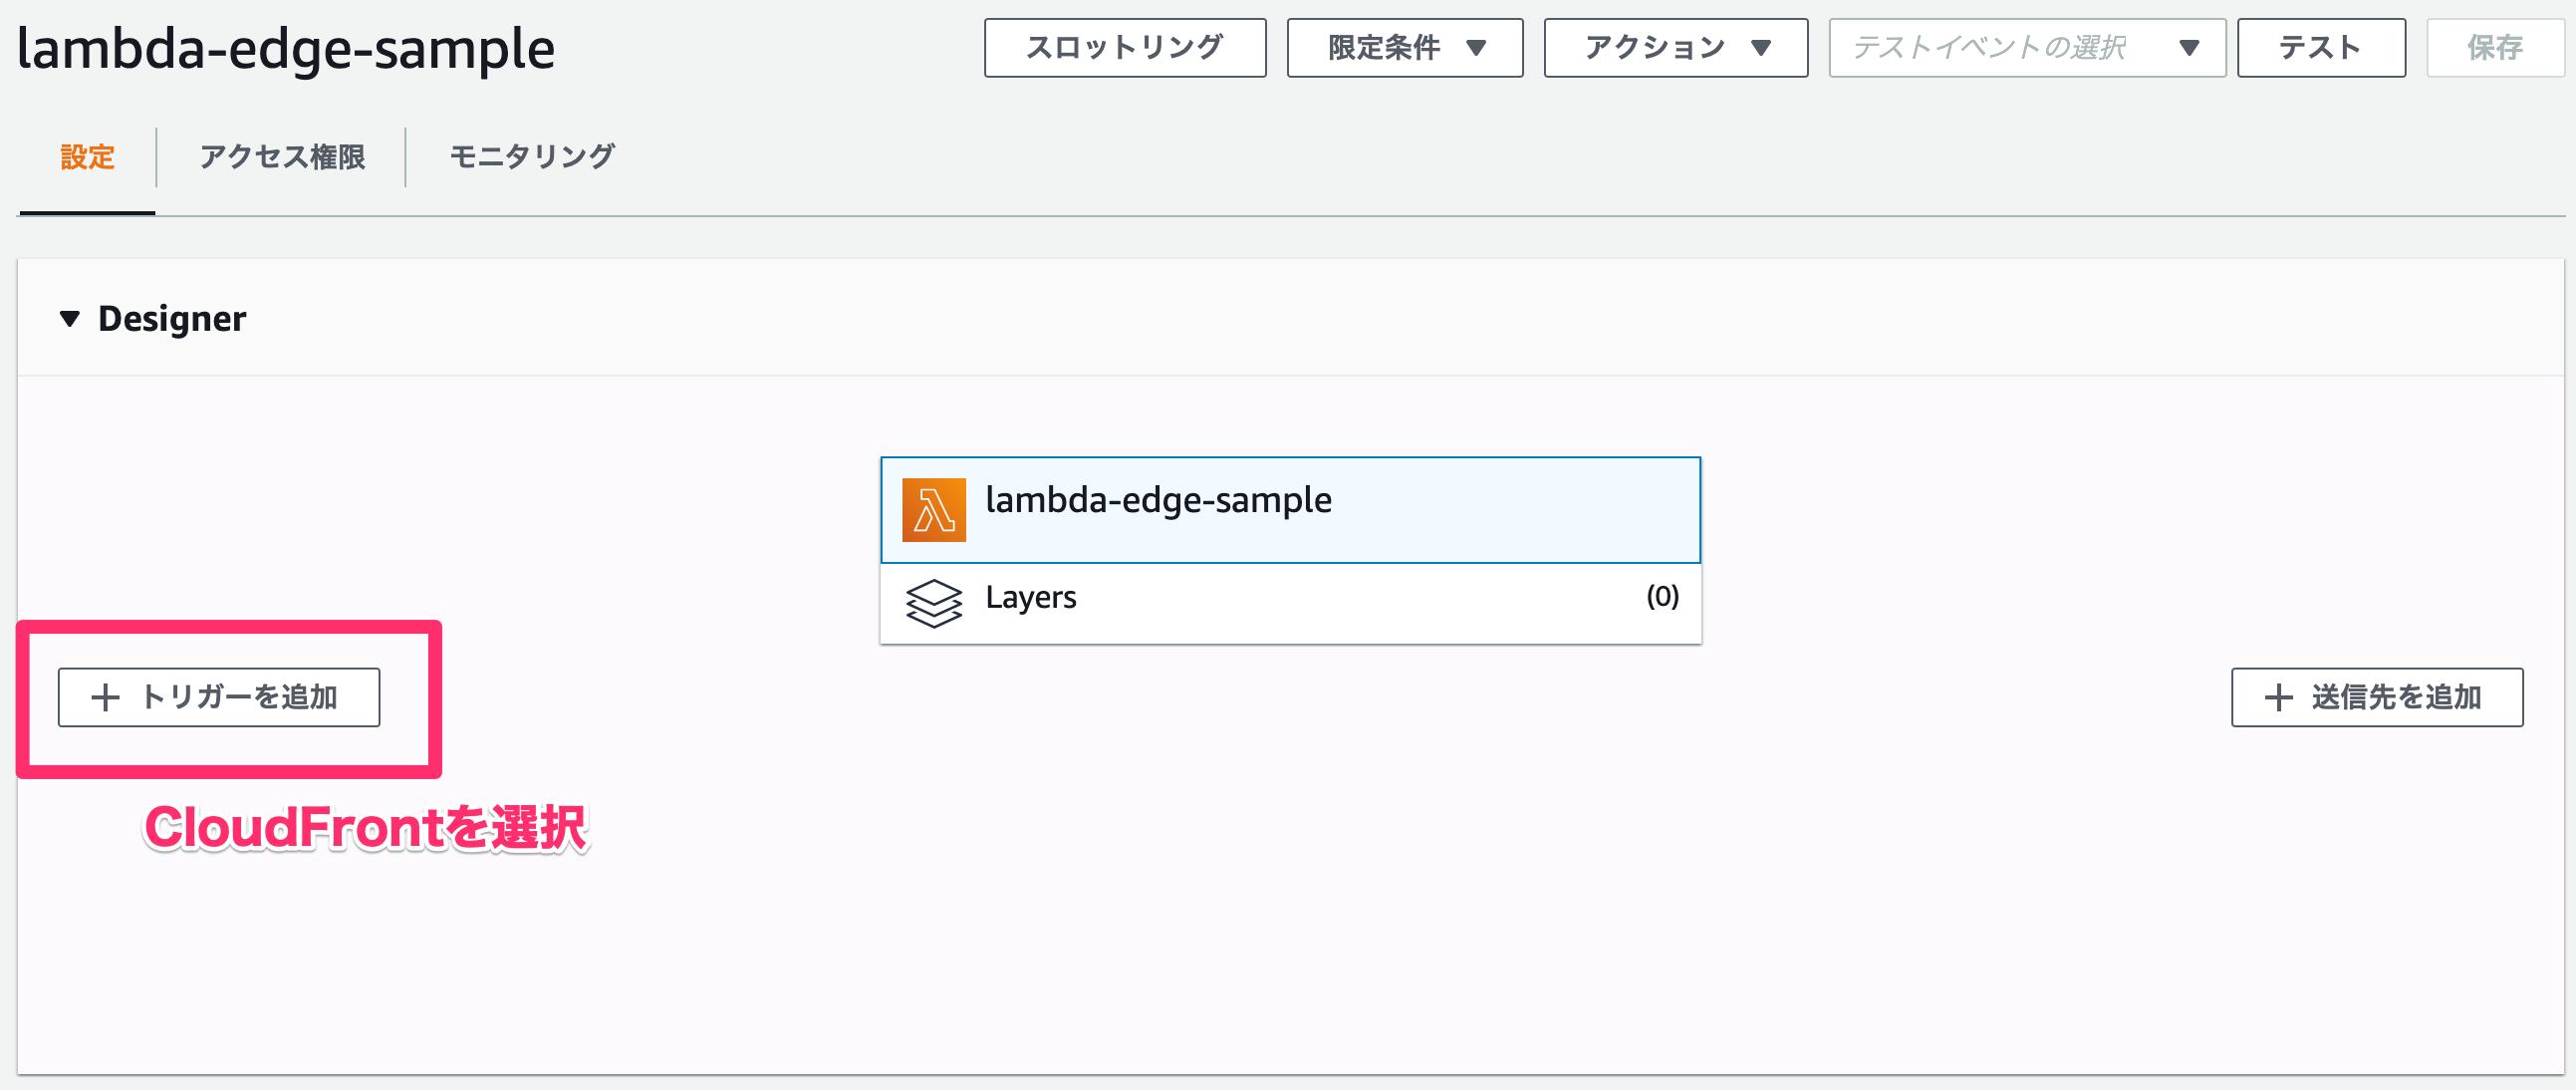 LambdaのトリガーにCloudFrontを設定